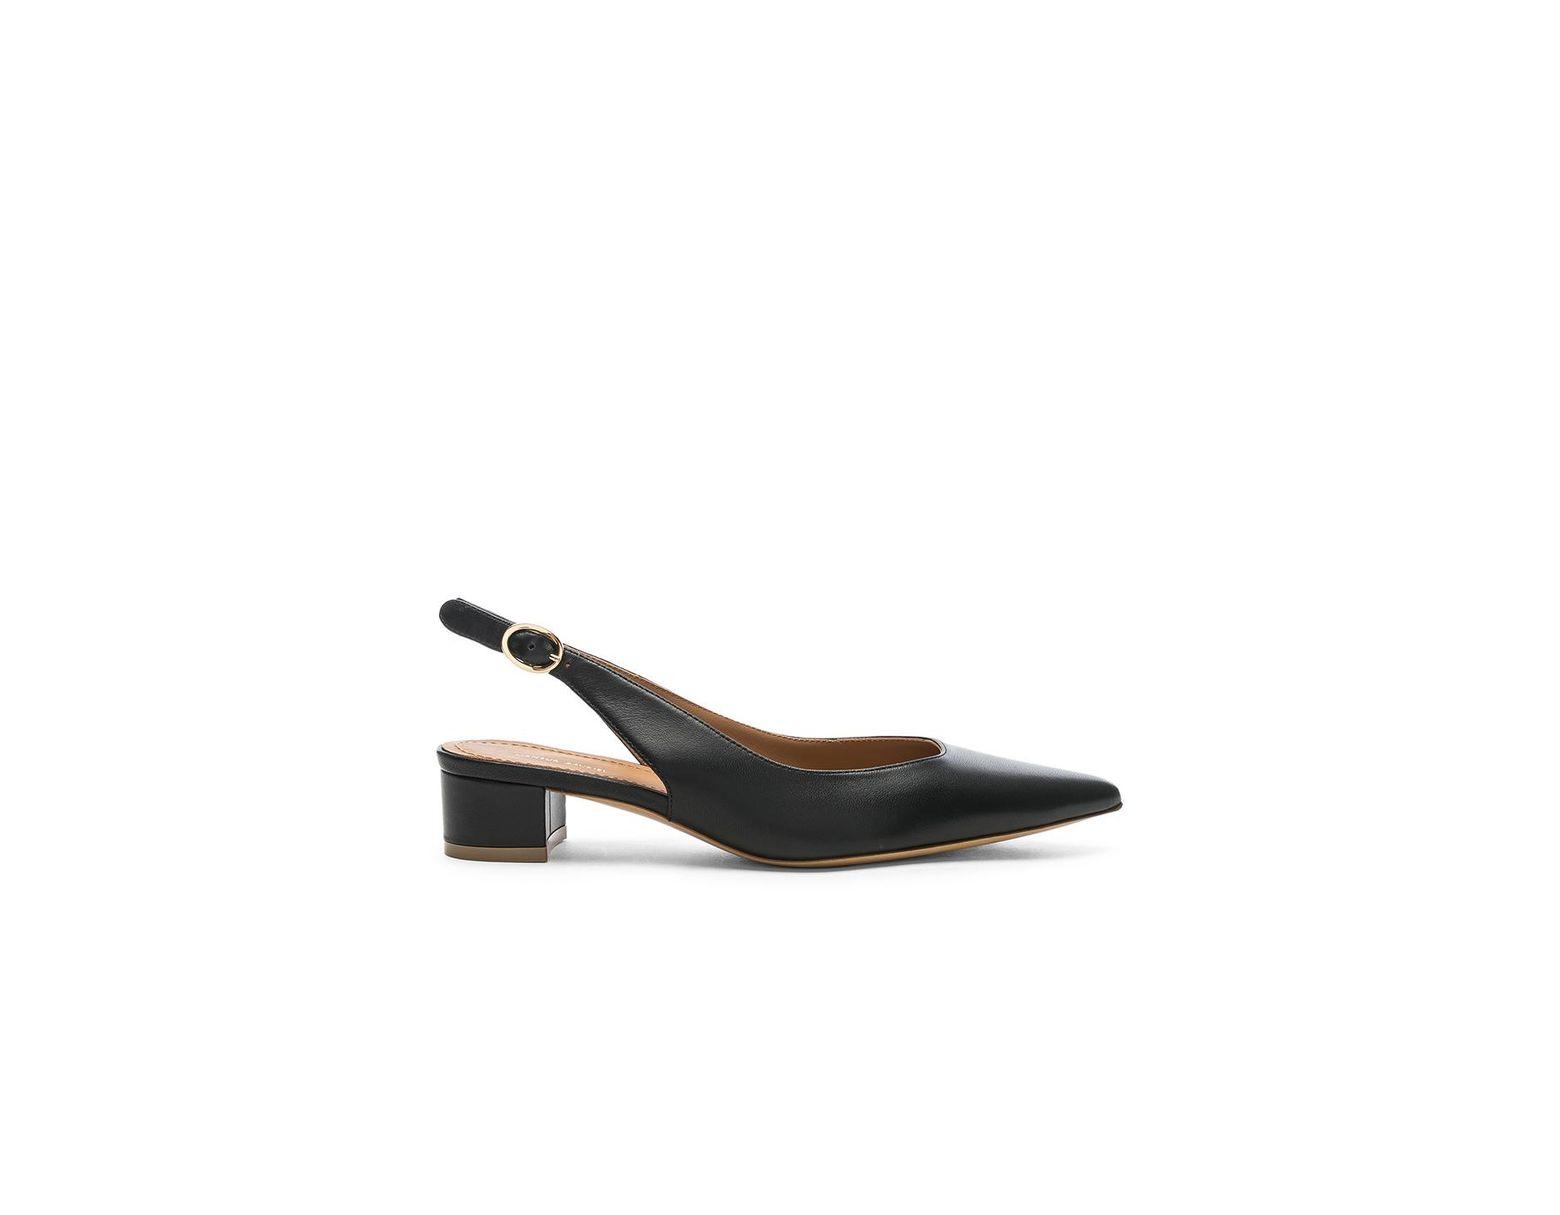 9dea0bc41ca Women's Black Lamb Slingback Heel